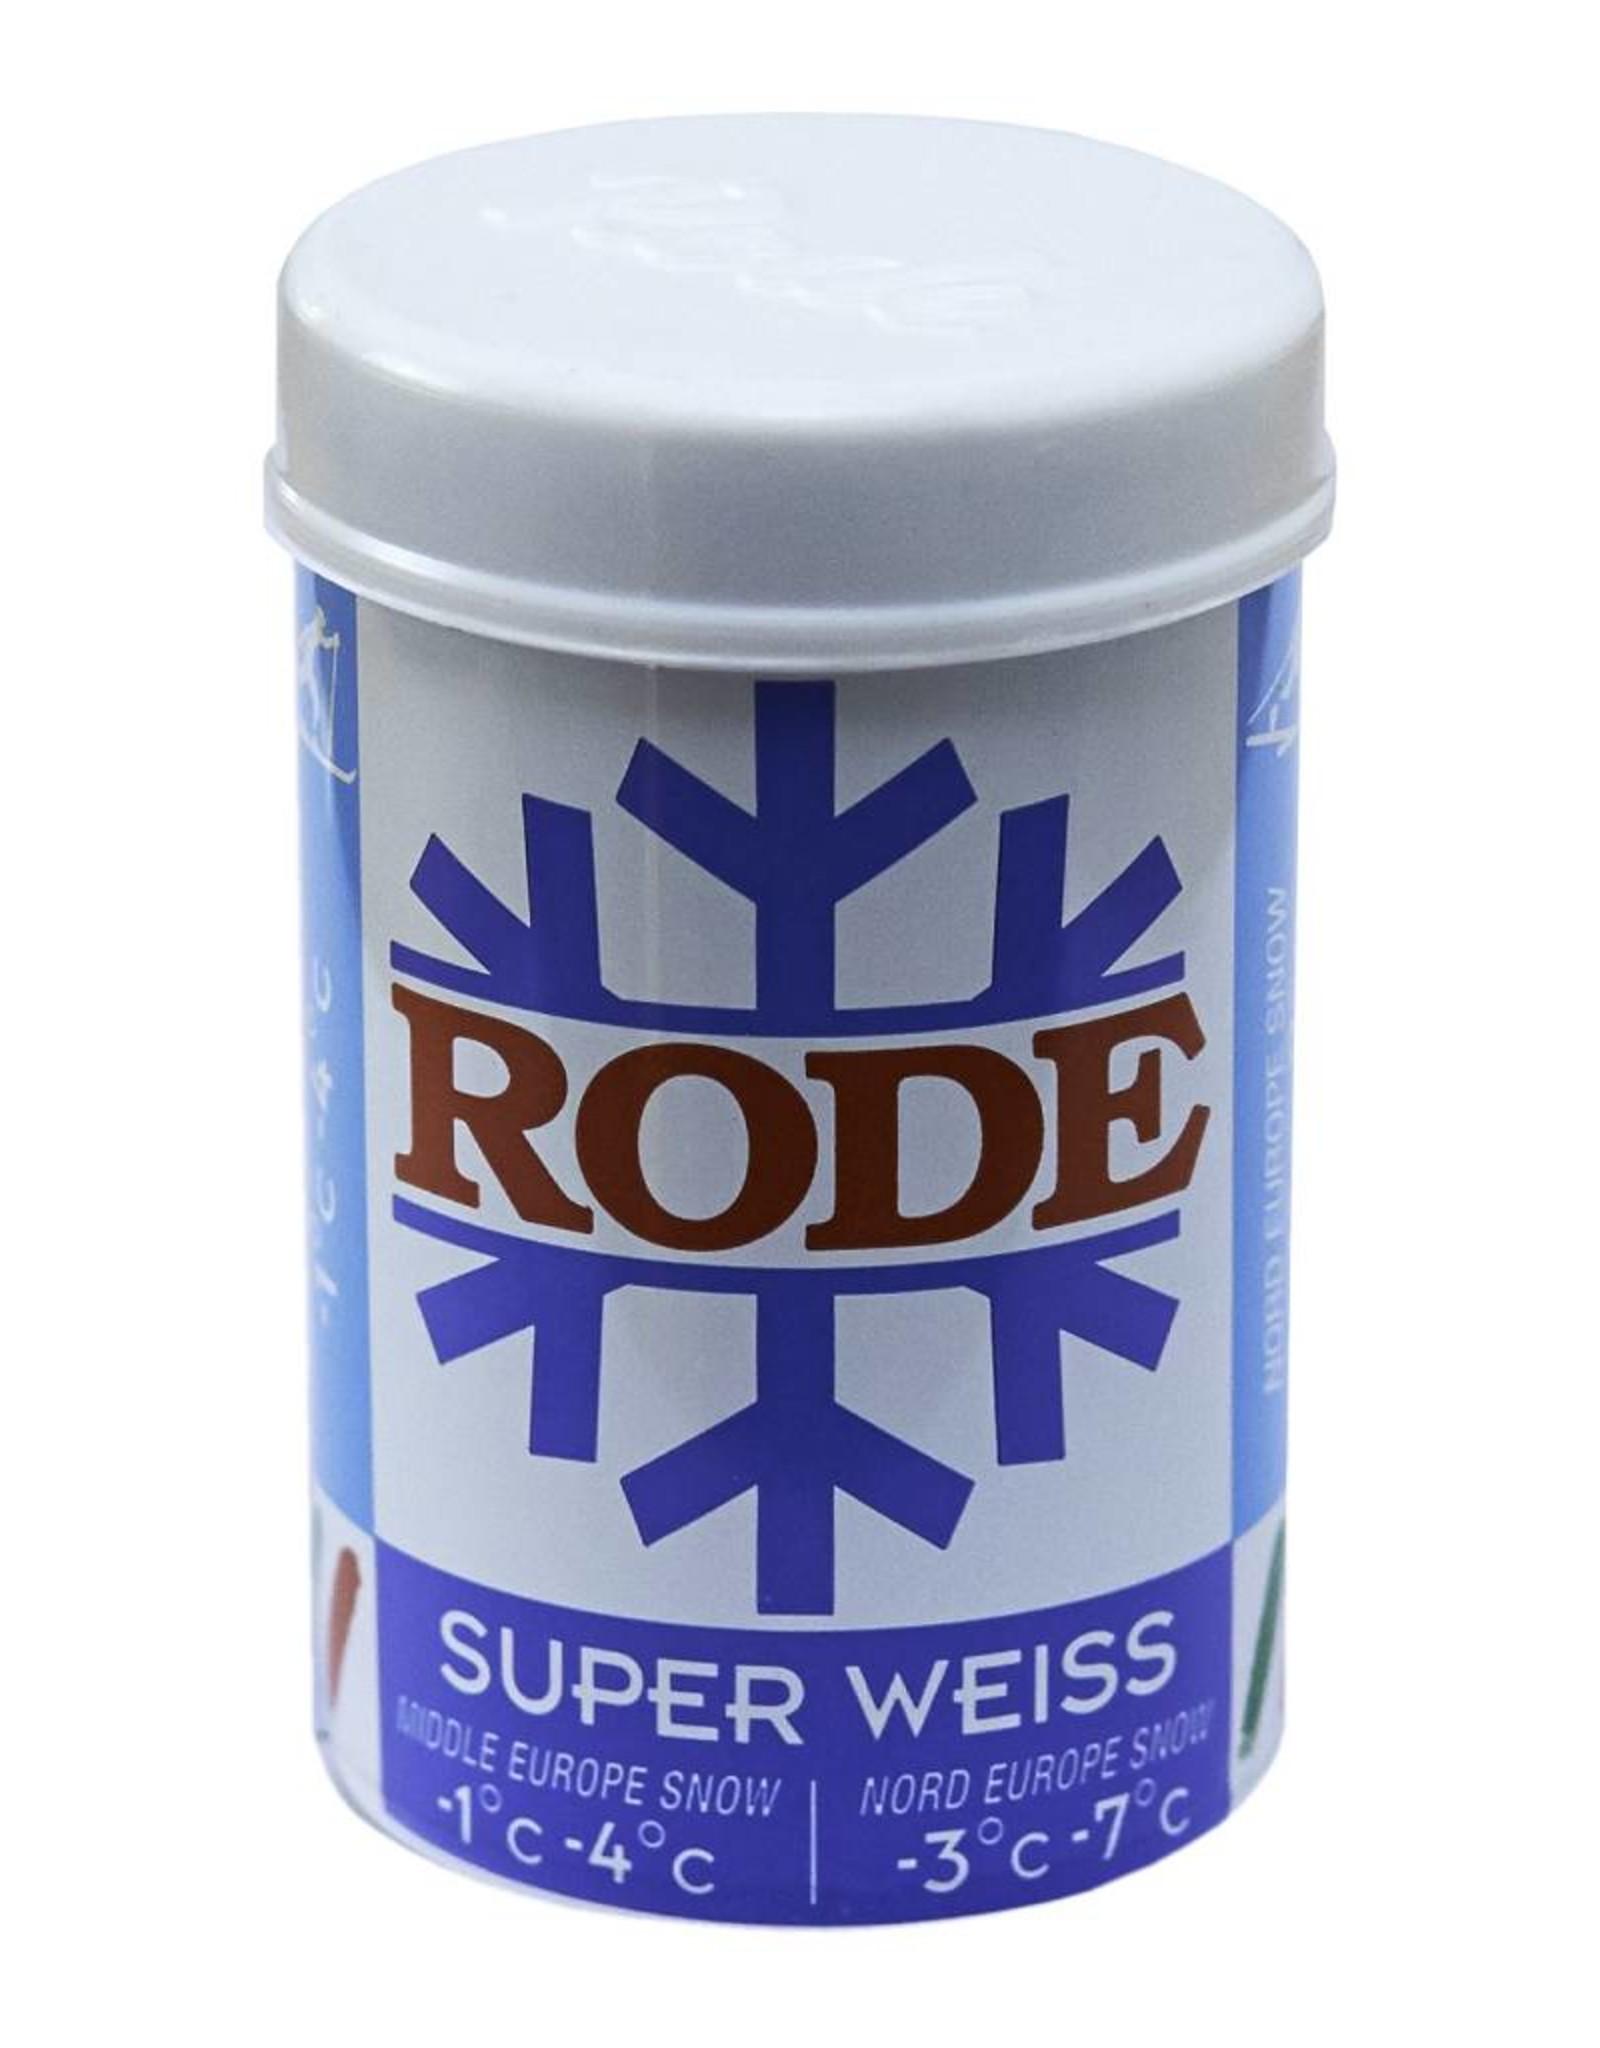 Rode Blue Super Weiss Kick Wax